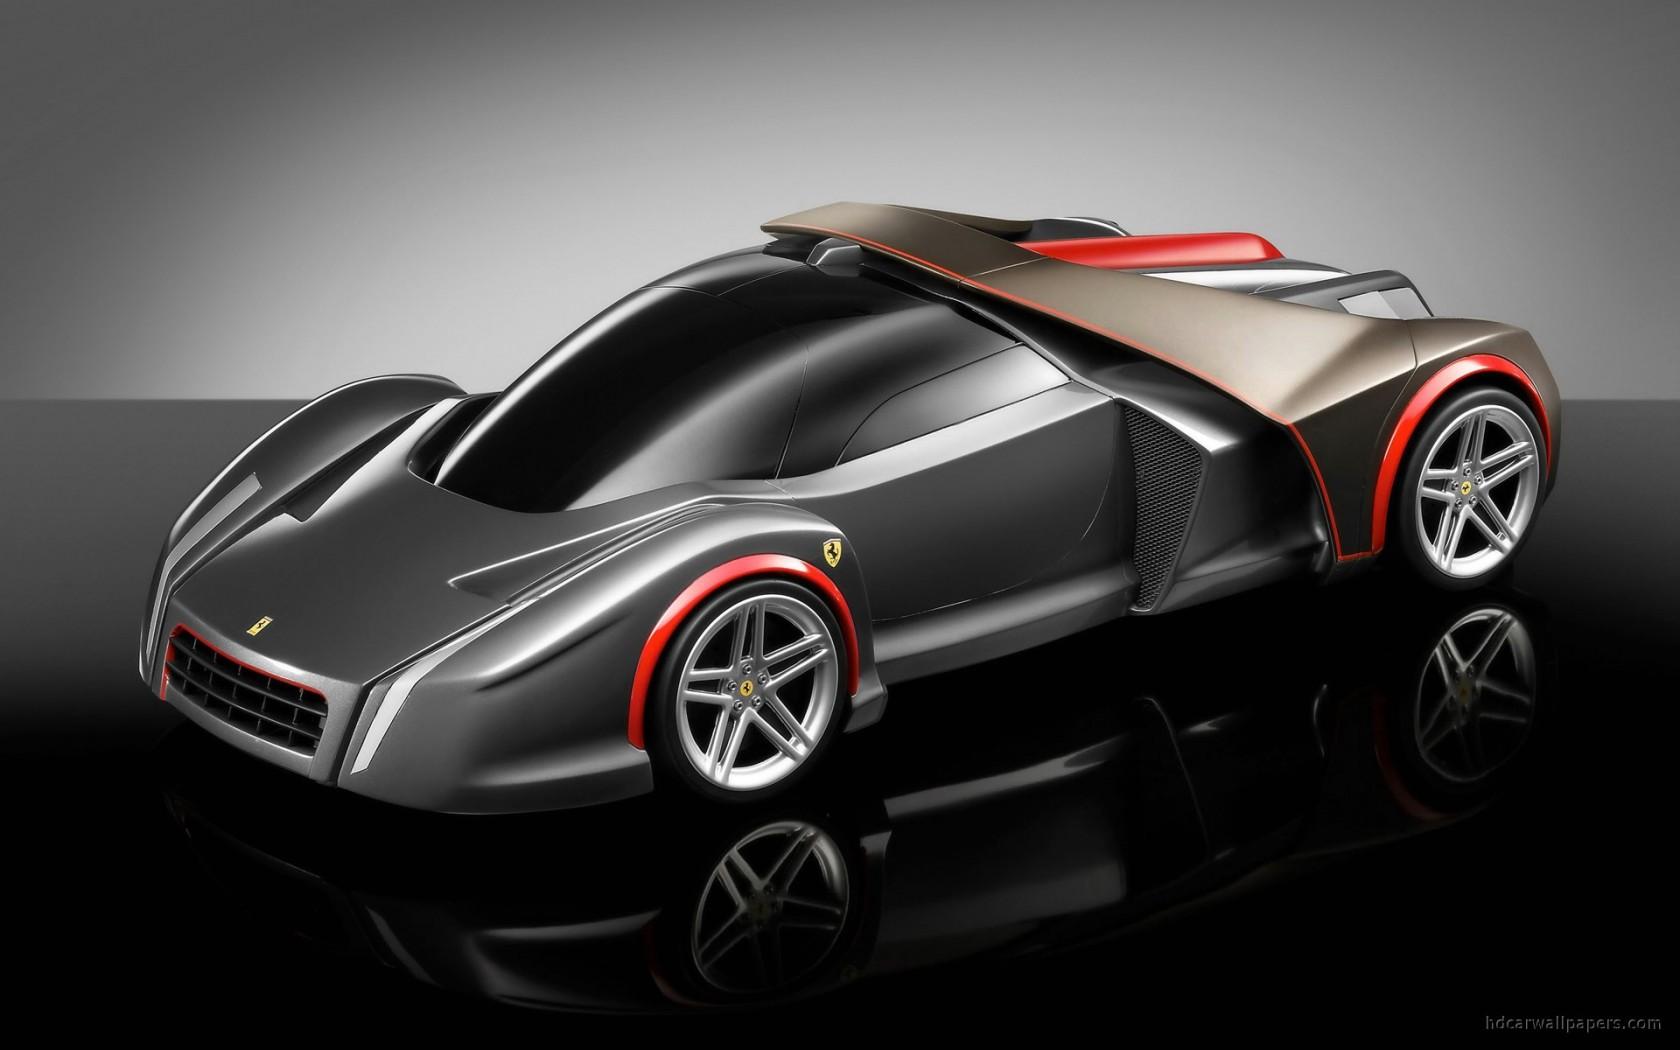 Ferrari concept black wallpaper hd car wallpapers id 766 - Future cars hd wallpapers ...